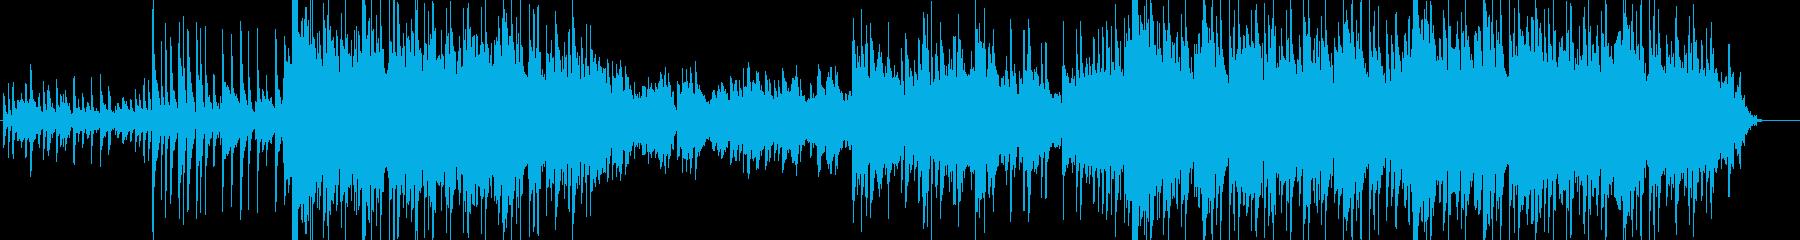 旅立ちをイメージした感動的なBGMの再生済みの波形